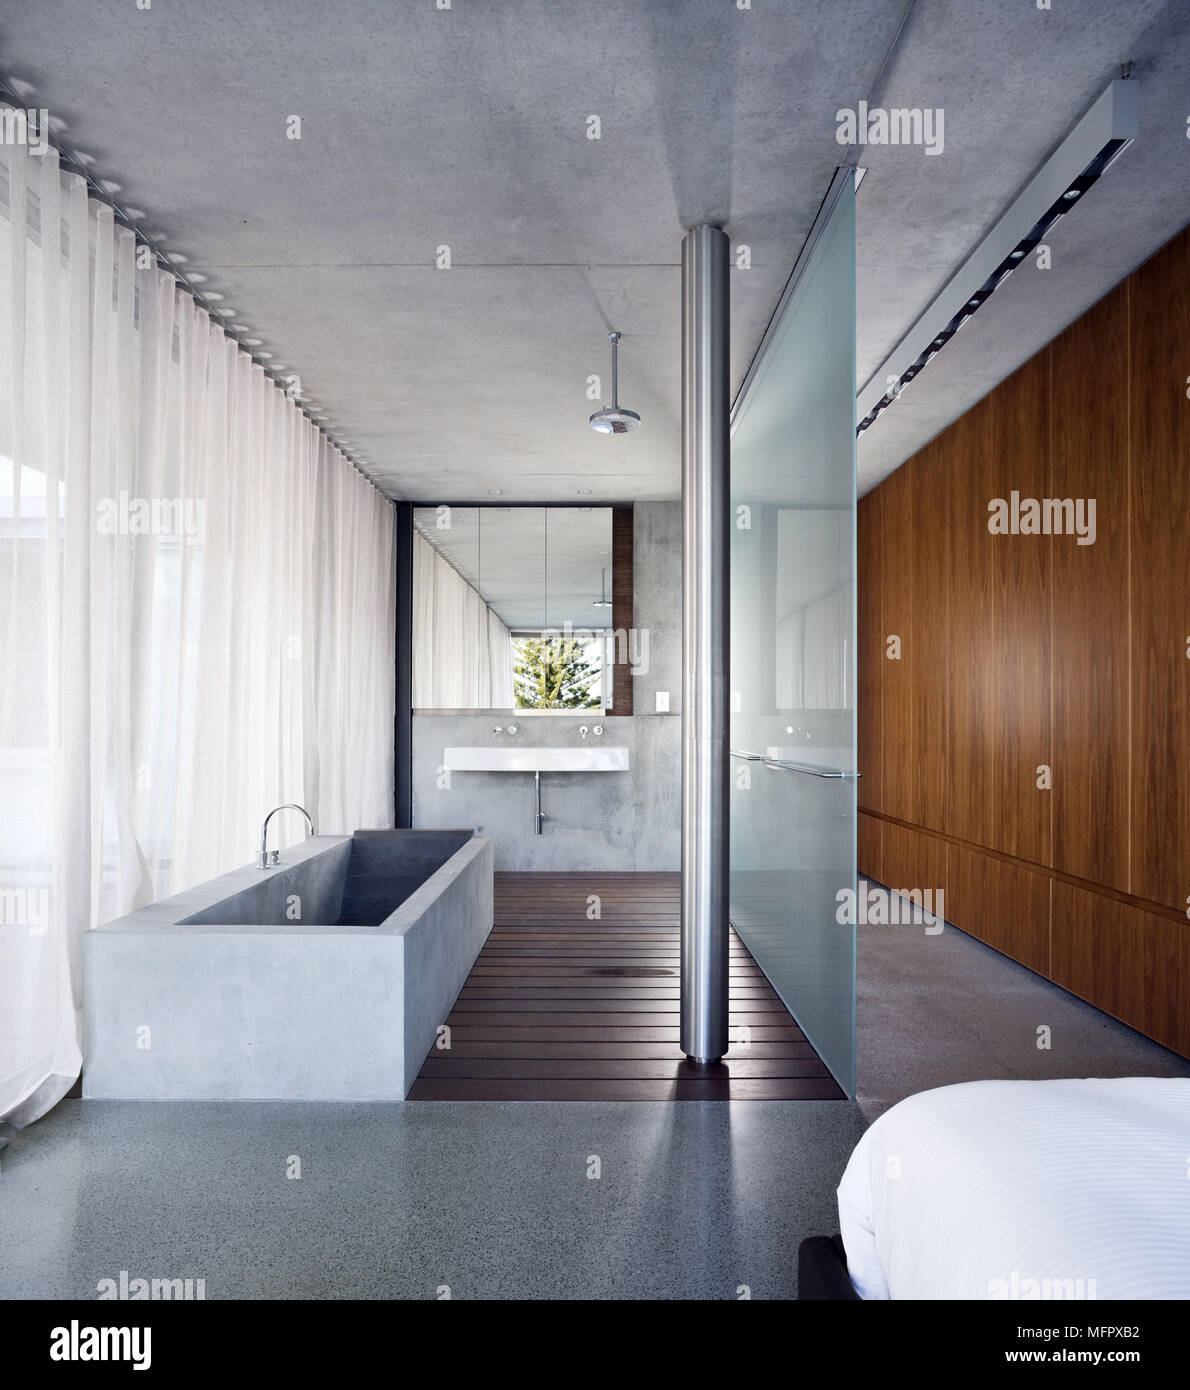 Baignoire sur pieds en pierre dans la salle de bains moderne avec ...